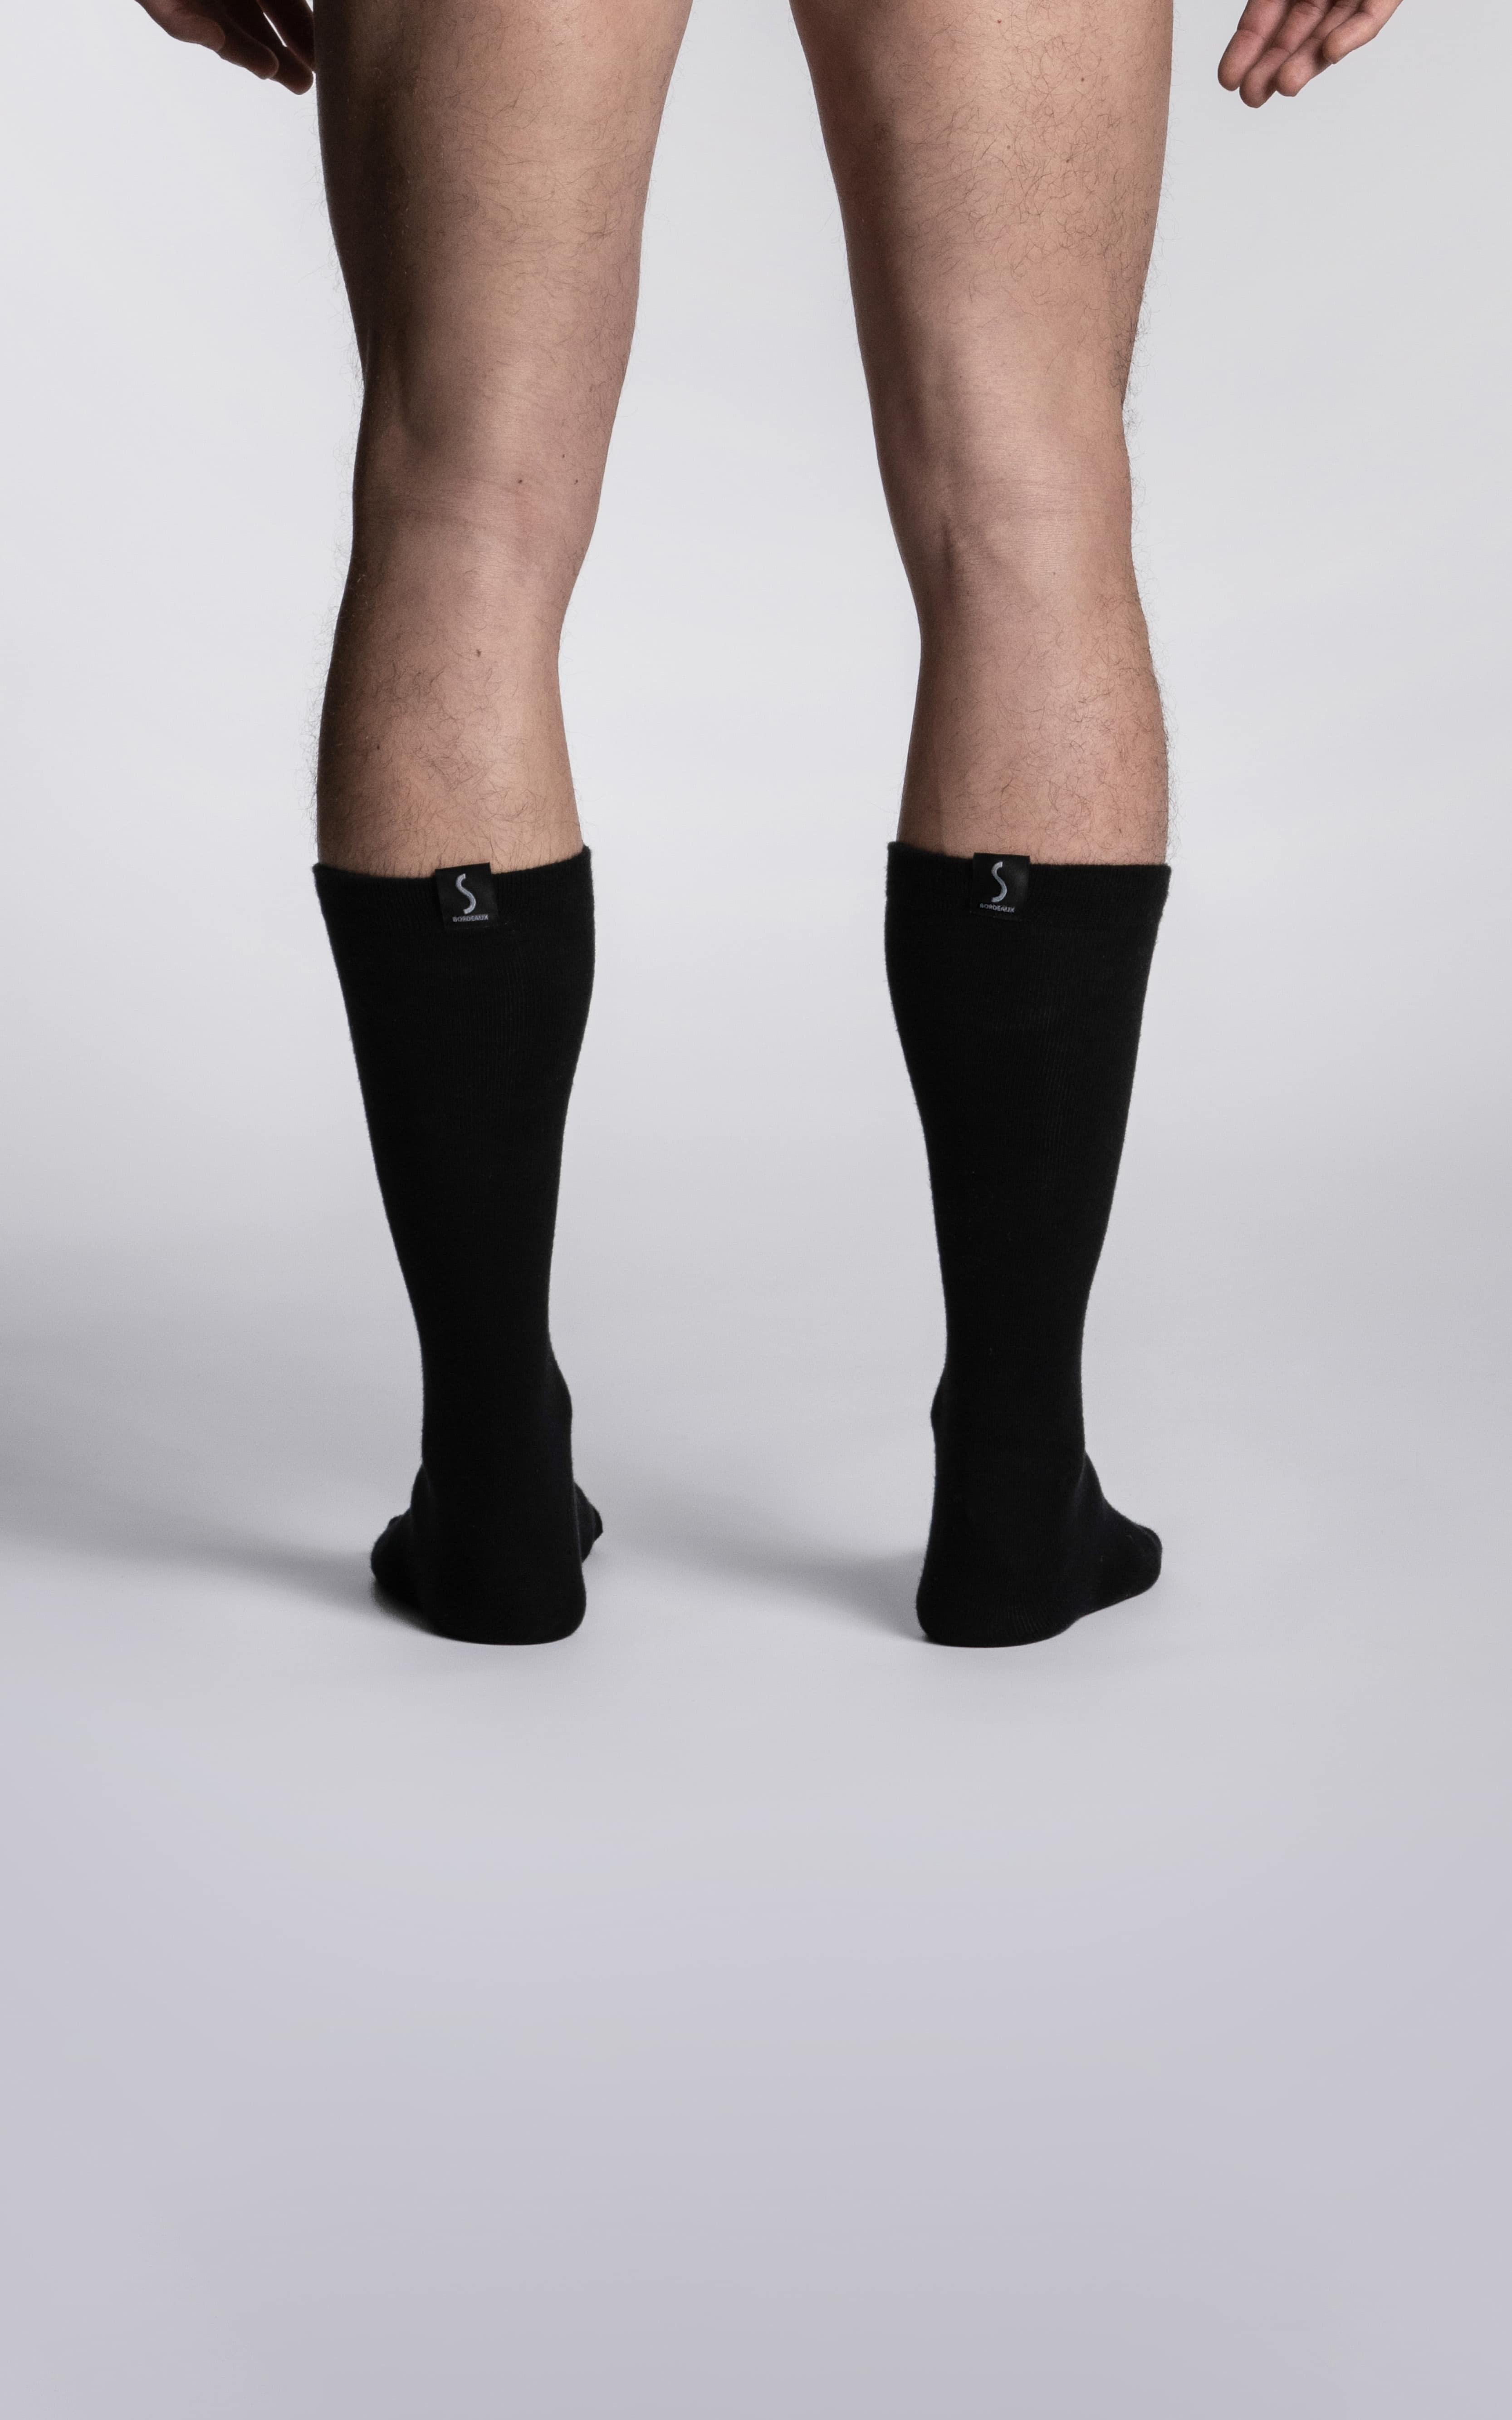 chaussettes mi-mollet noires pour homme de la marque S BORDEAUX